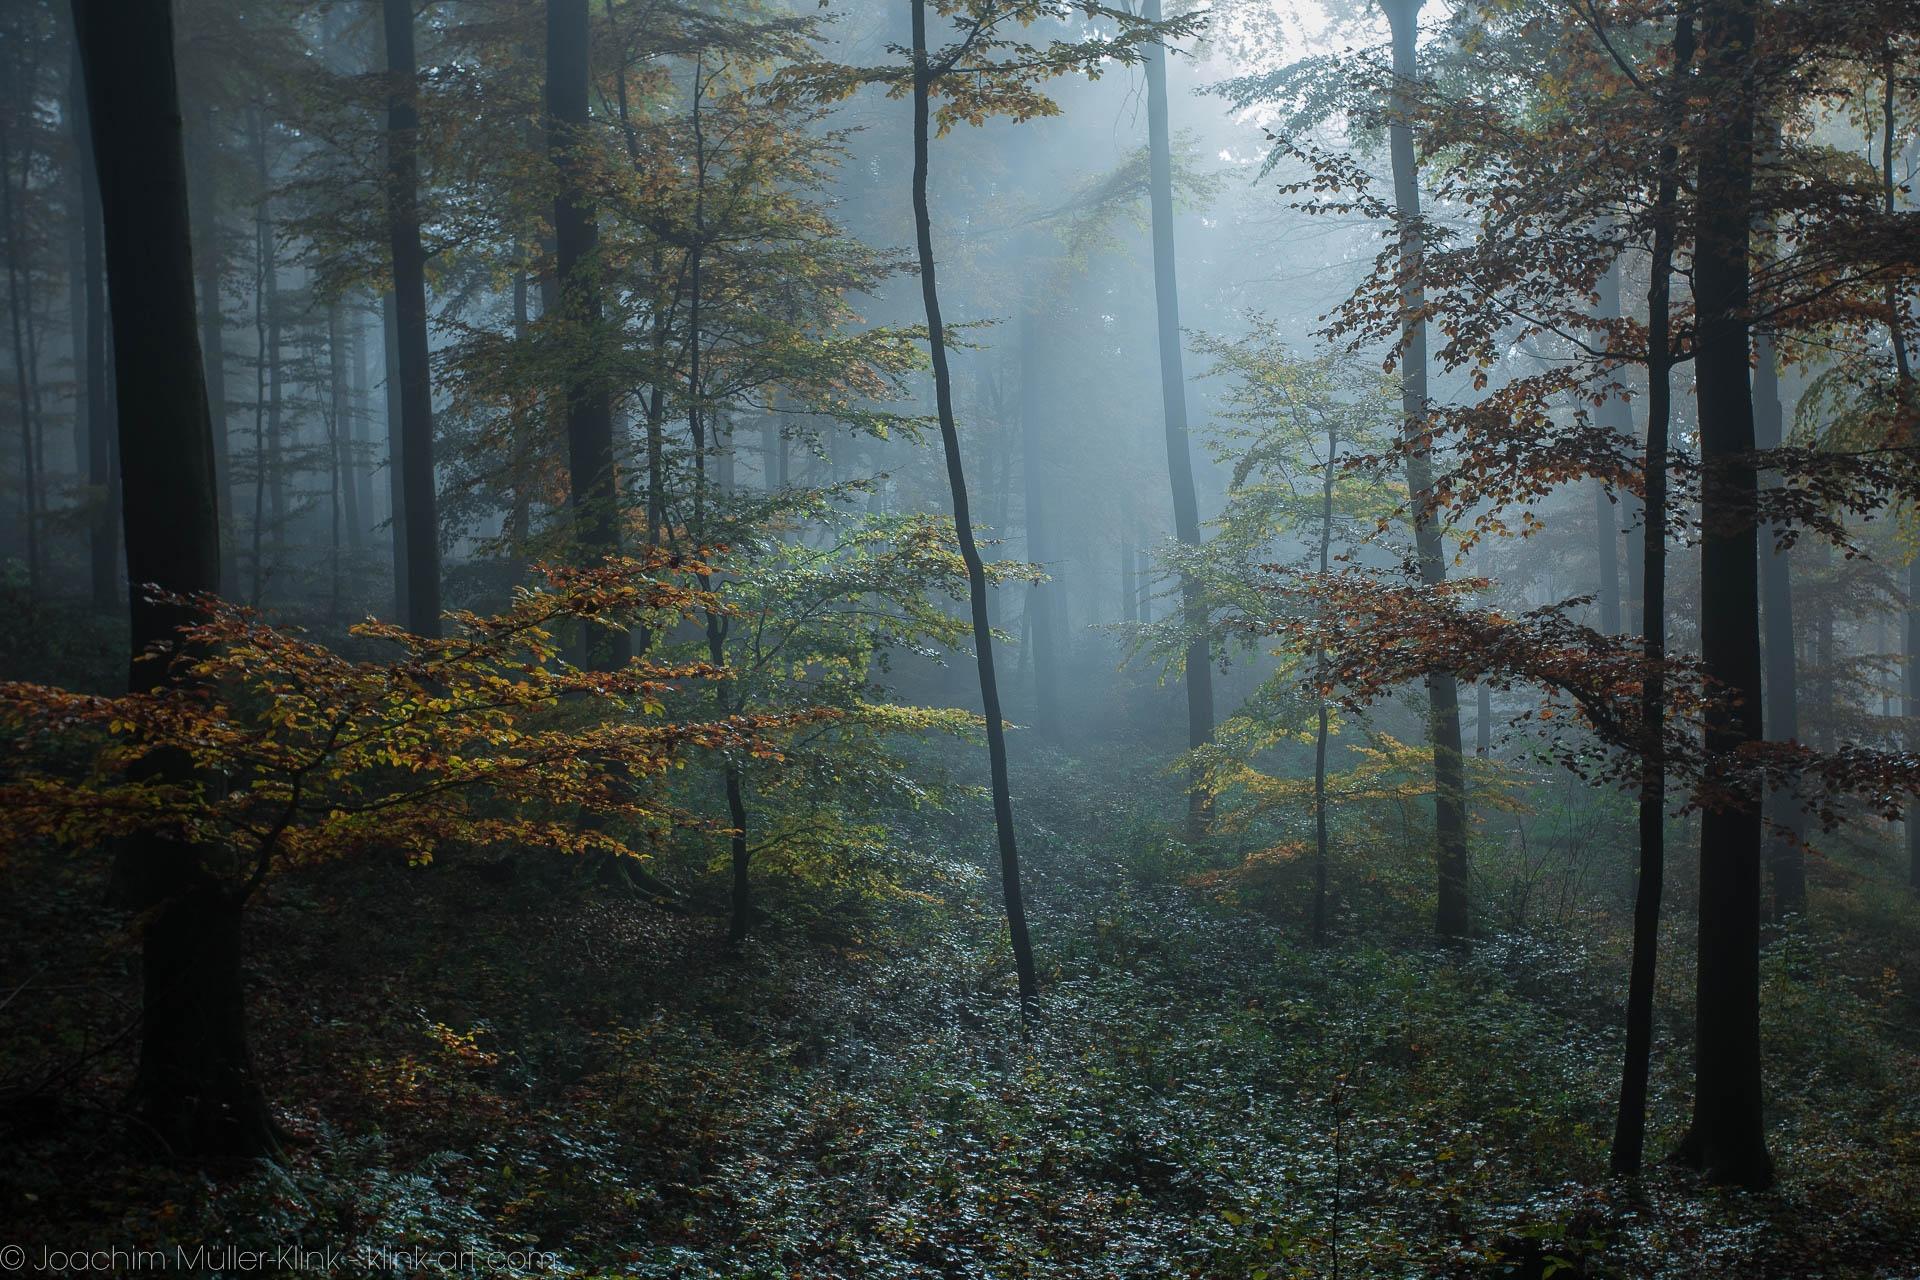 Geheimnisvolle Waldlichtung - Mysterious forest clearing